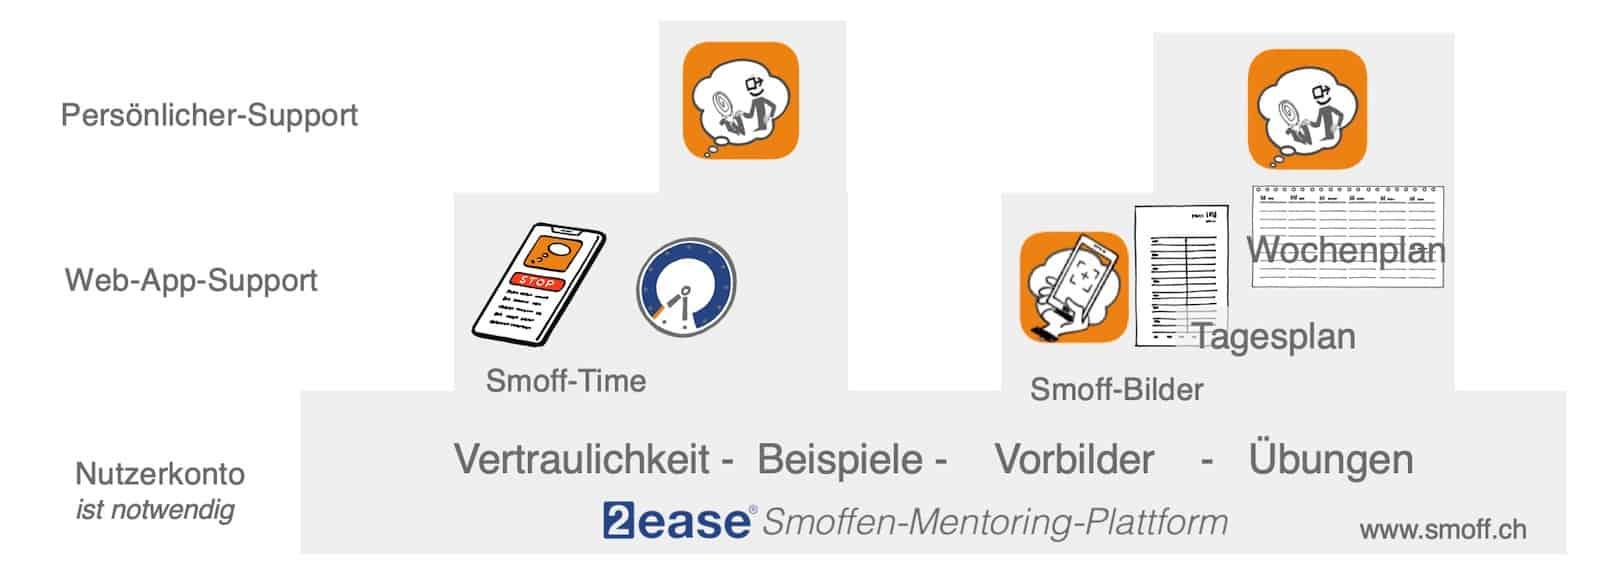 Smoffen-Support-Plattform